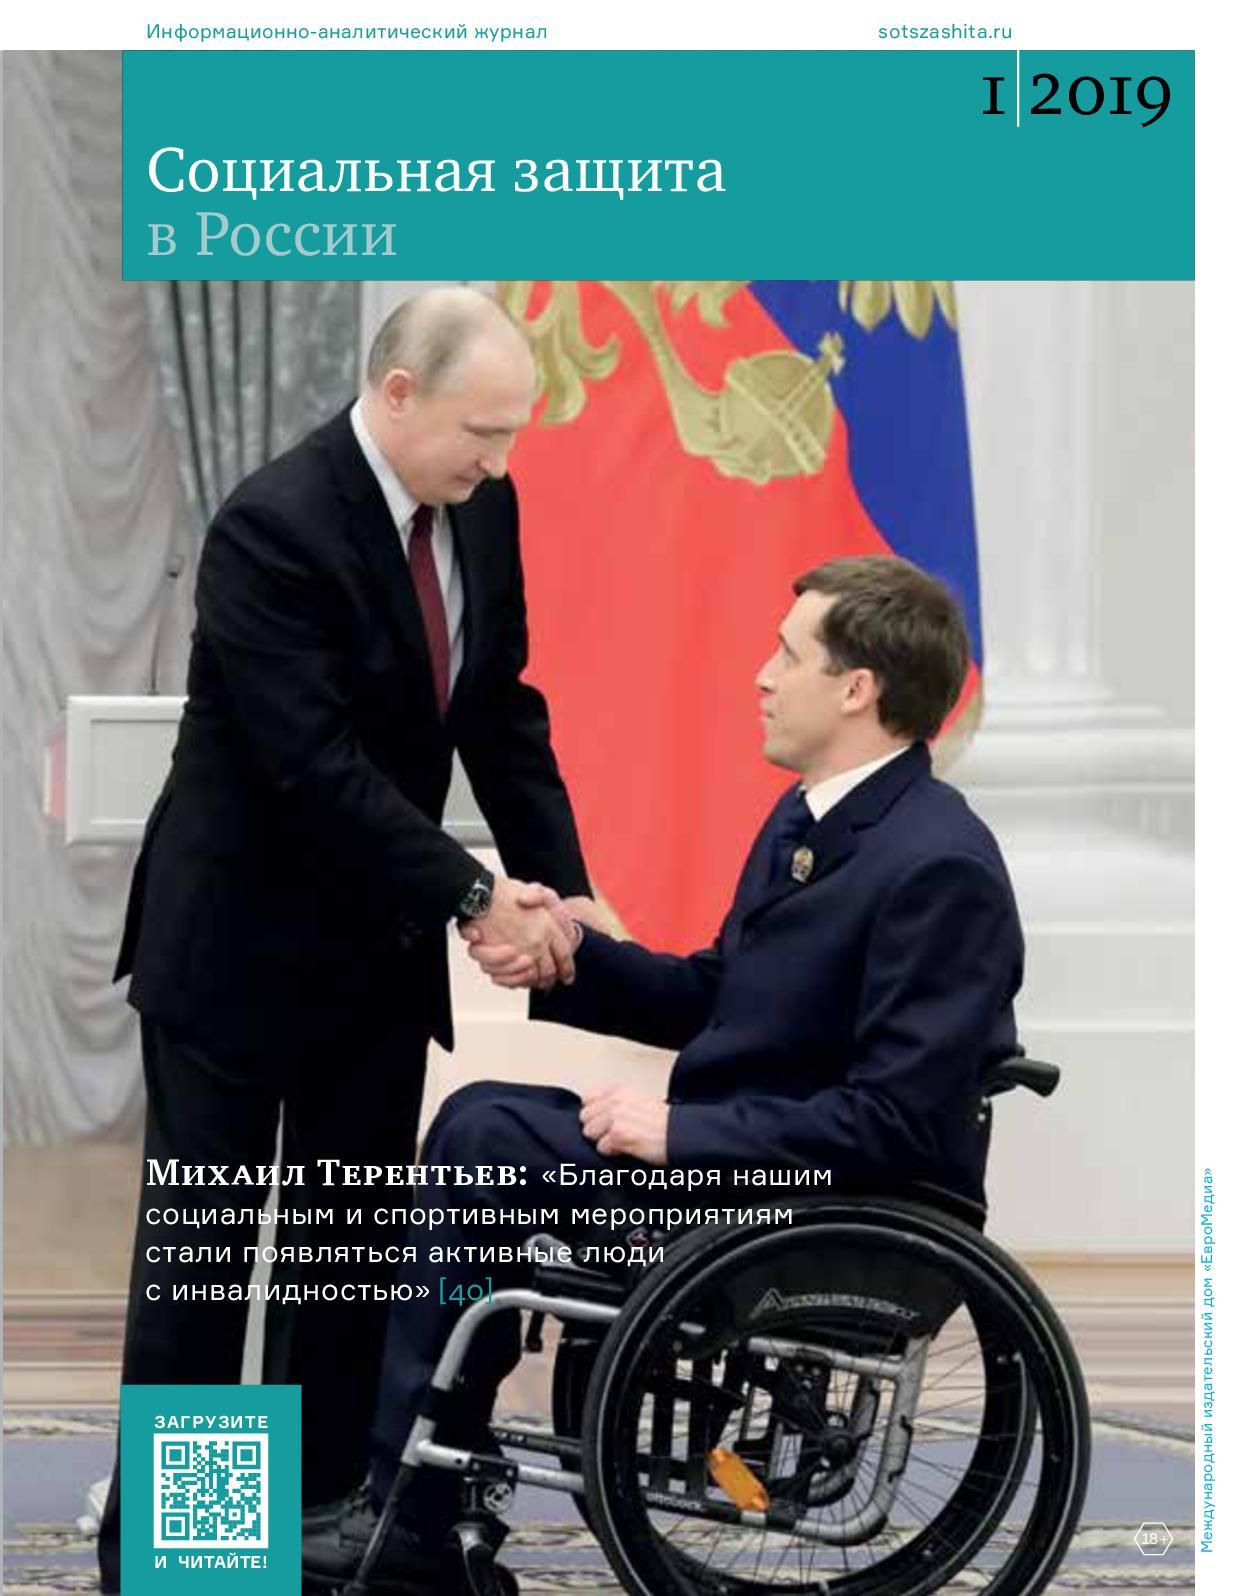 Министр труда и соцзащиты РФ увидел радужные перспективы на 2019 год